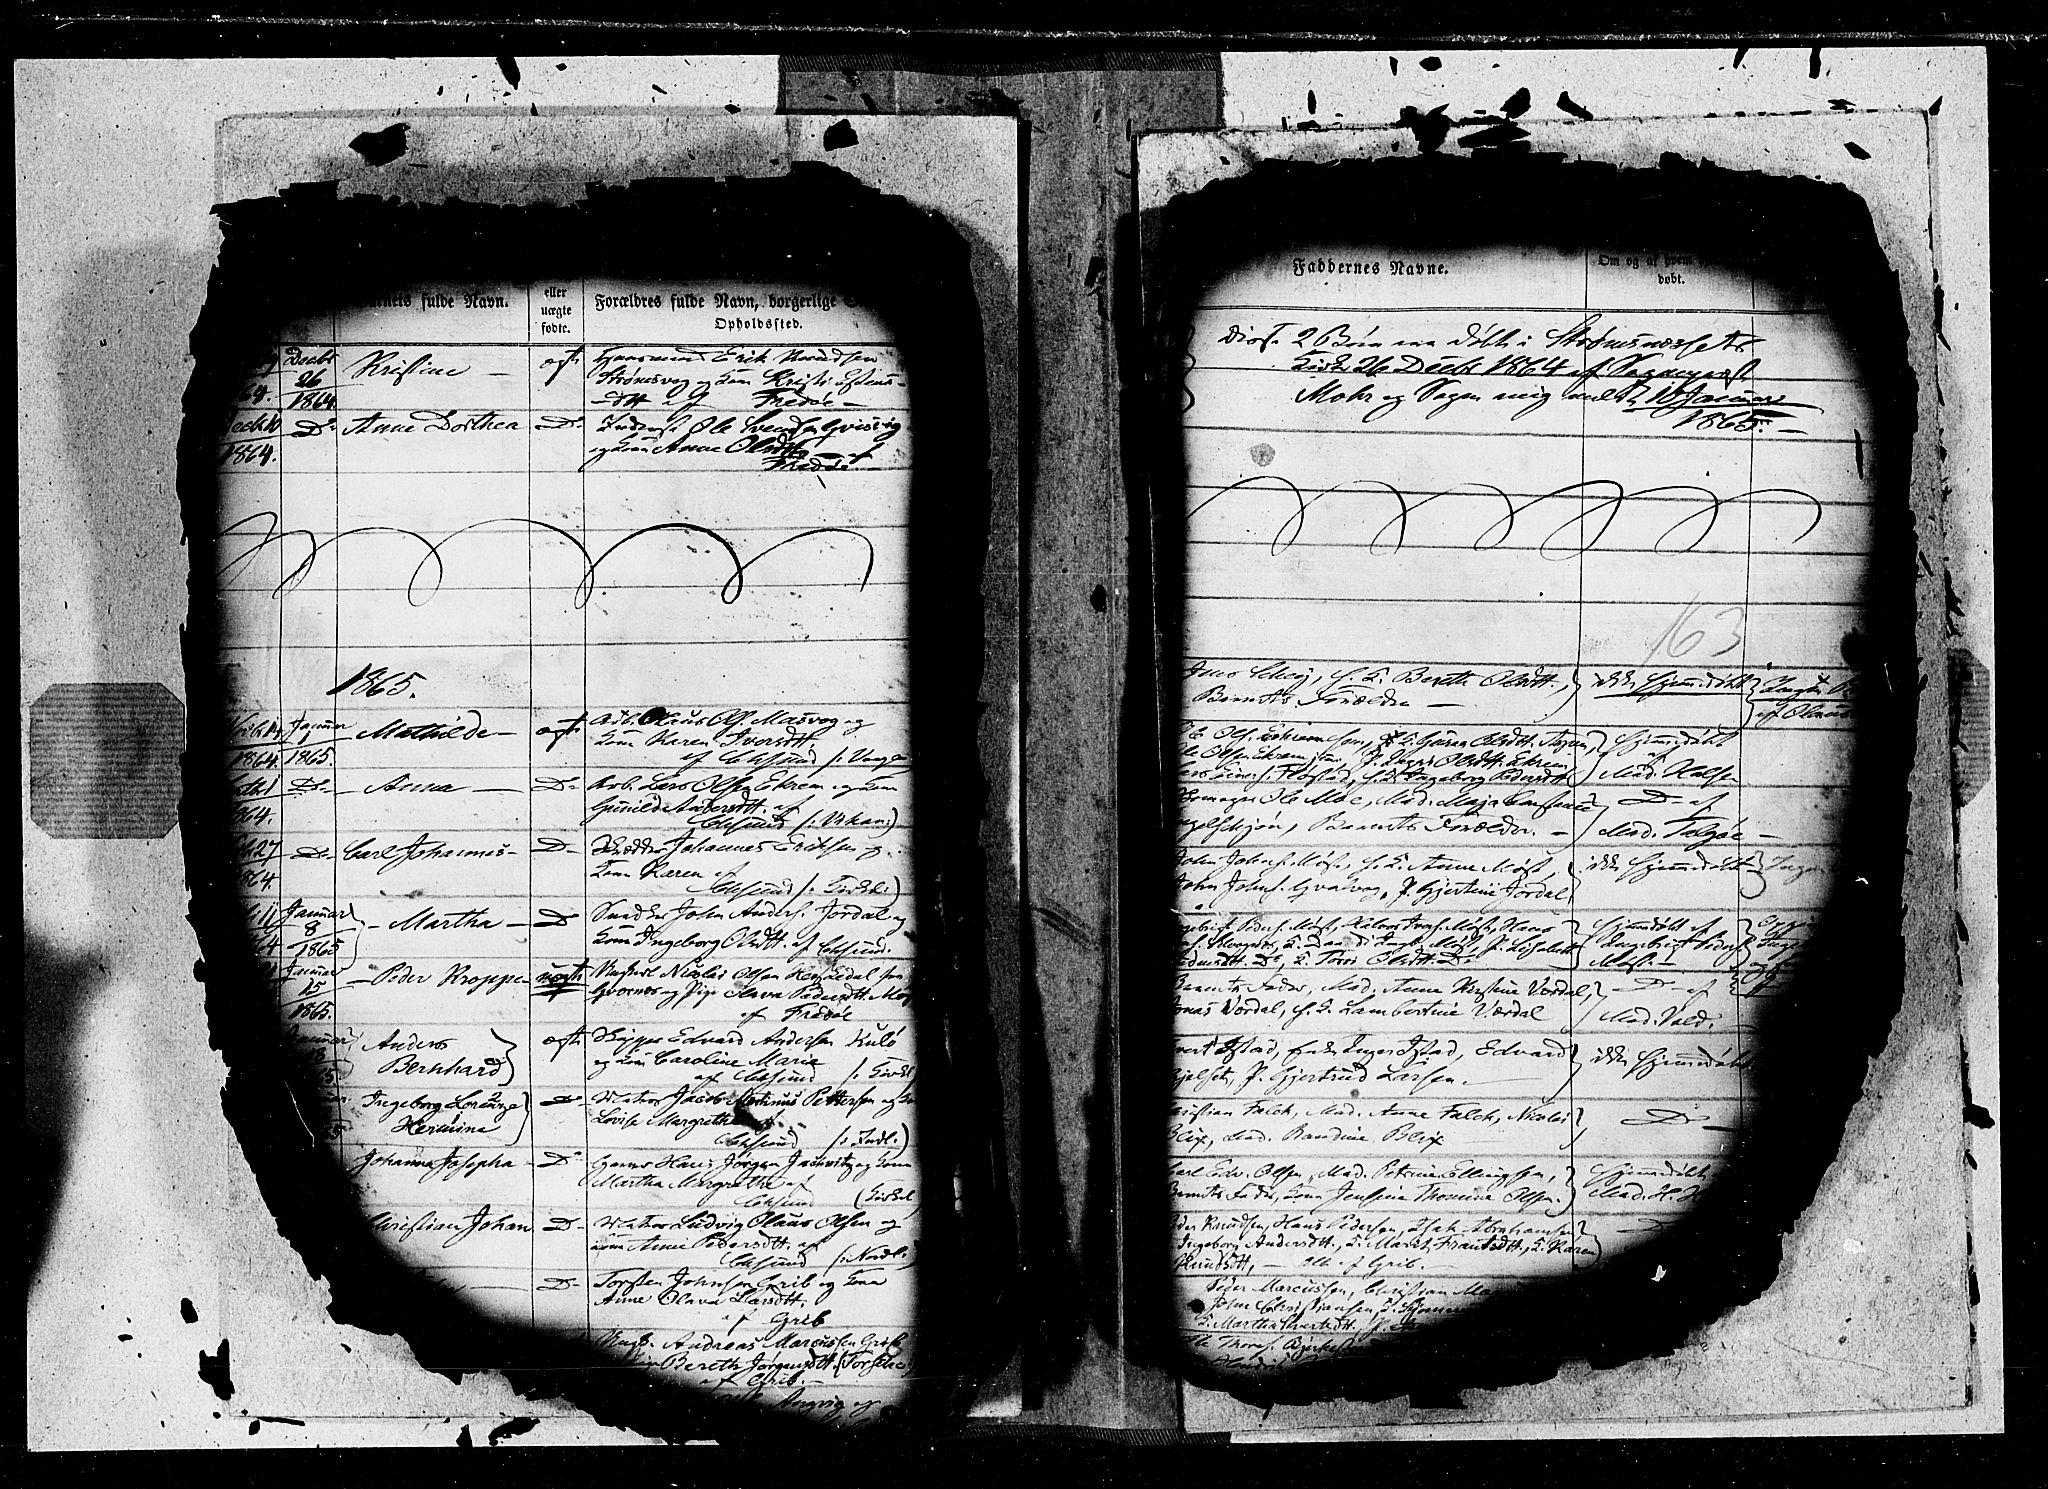 SAT, Ministerialprotokoller, klokkerbøker og fødselsregistre - Møre og Romsdal, 572/L0846: Ministerialbok nr. 572A09, 1855-1865, s. 163